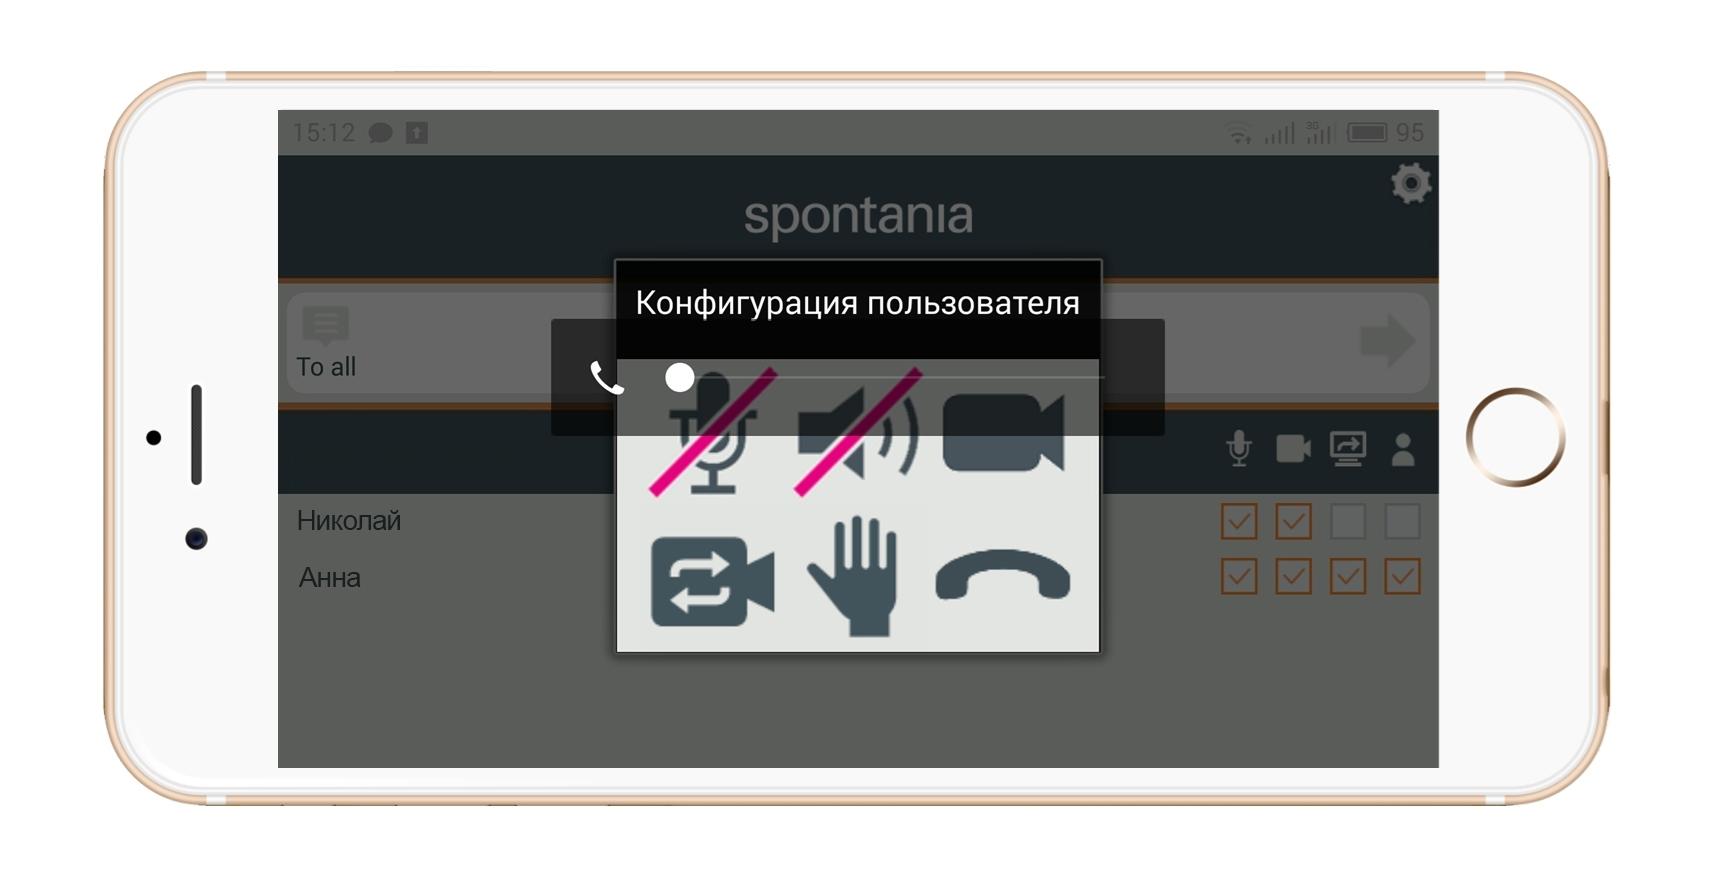 ClearOne Sp Pro 100 - Программный продукт Spontania Pro 100